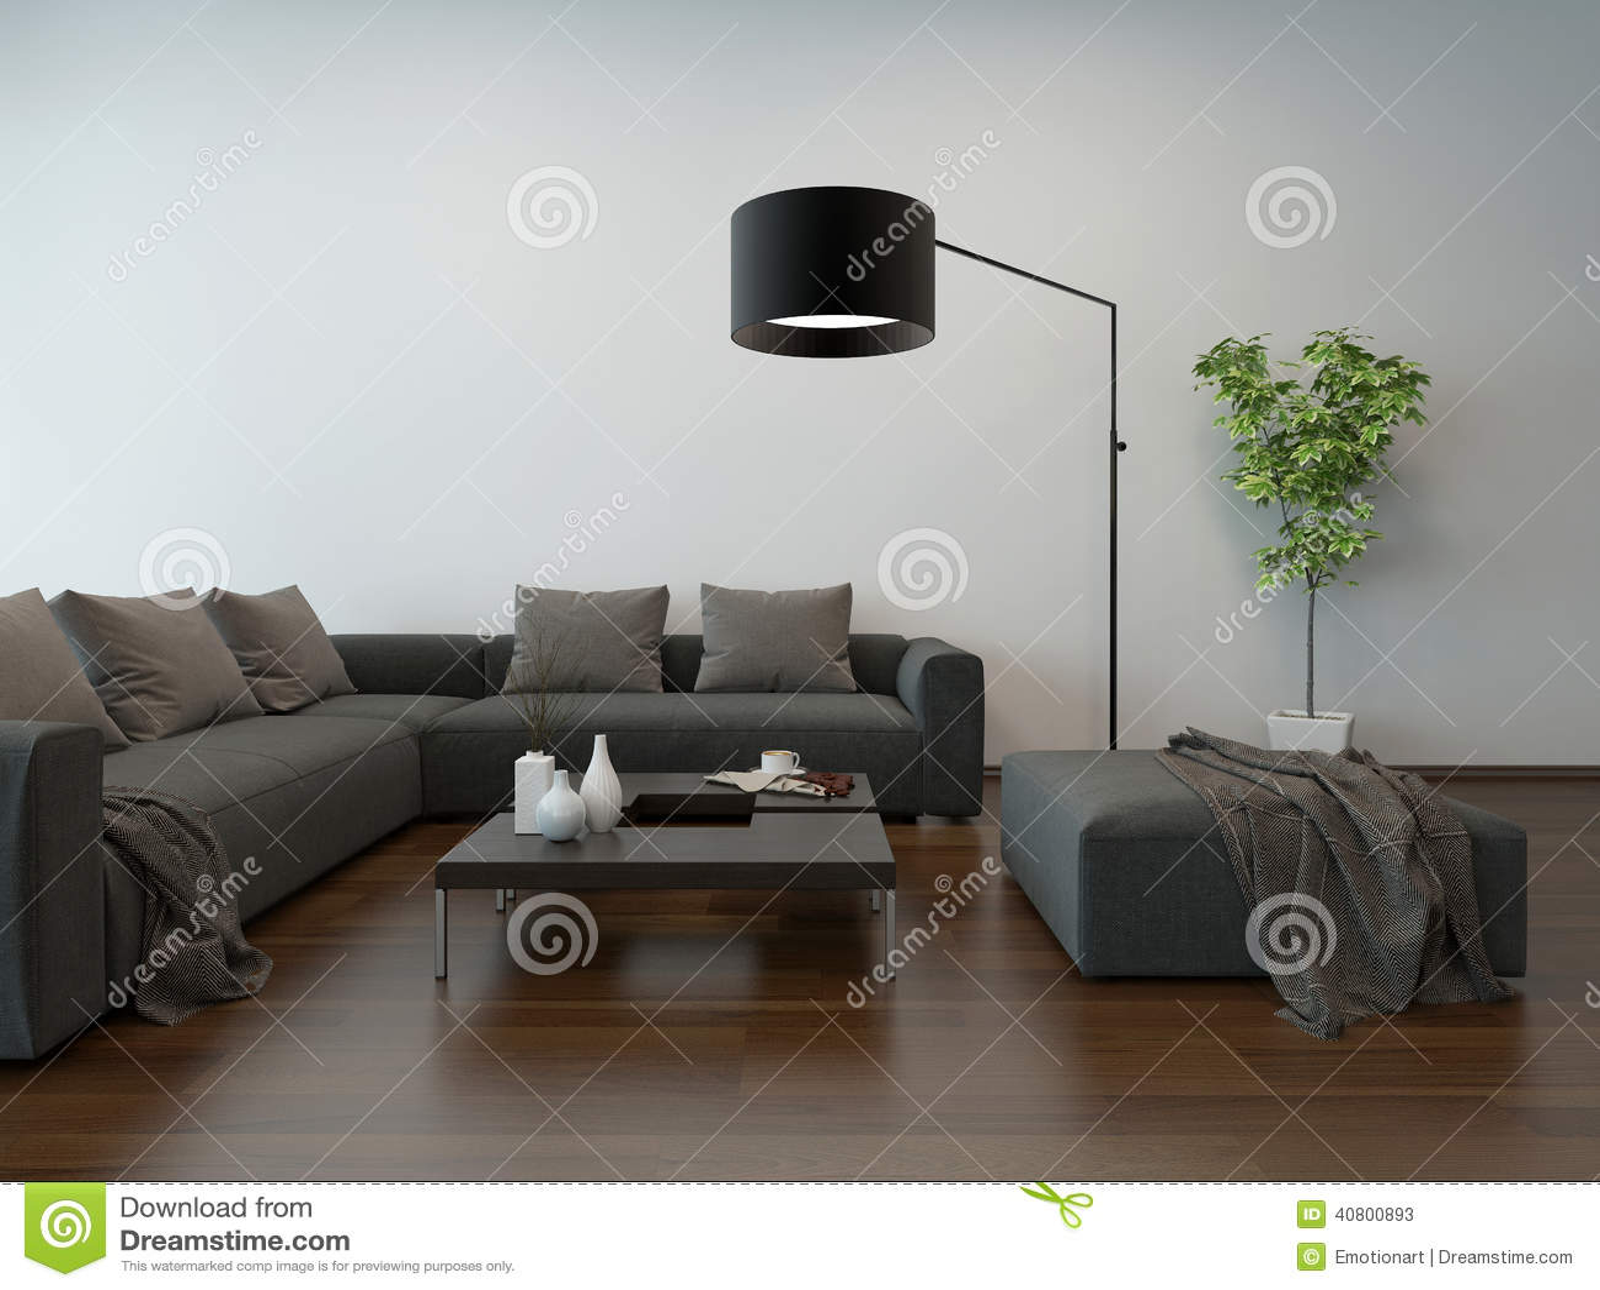 https://thumbs.dreamstime.com/z/woonkamer-binnenlands-w-grijze-laag-en-staande-lamp-40800893.jpg